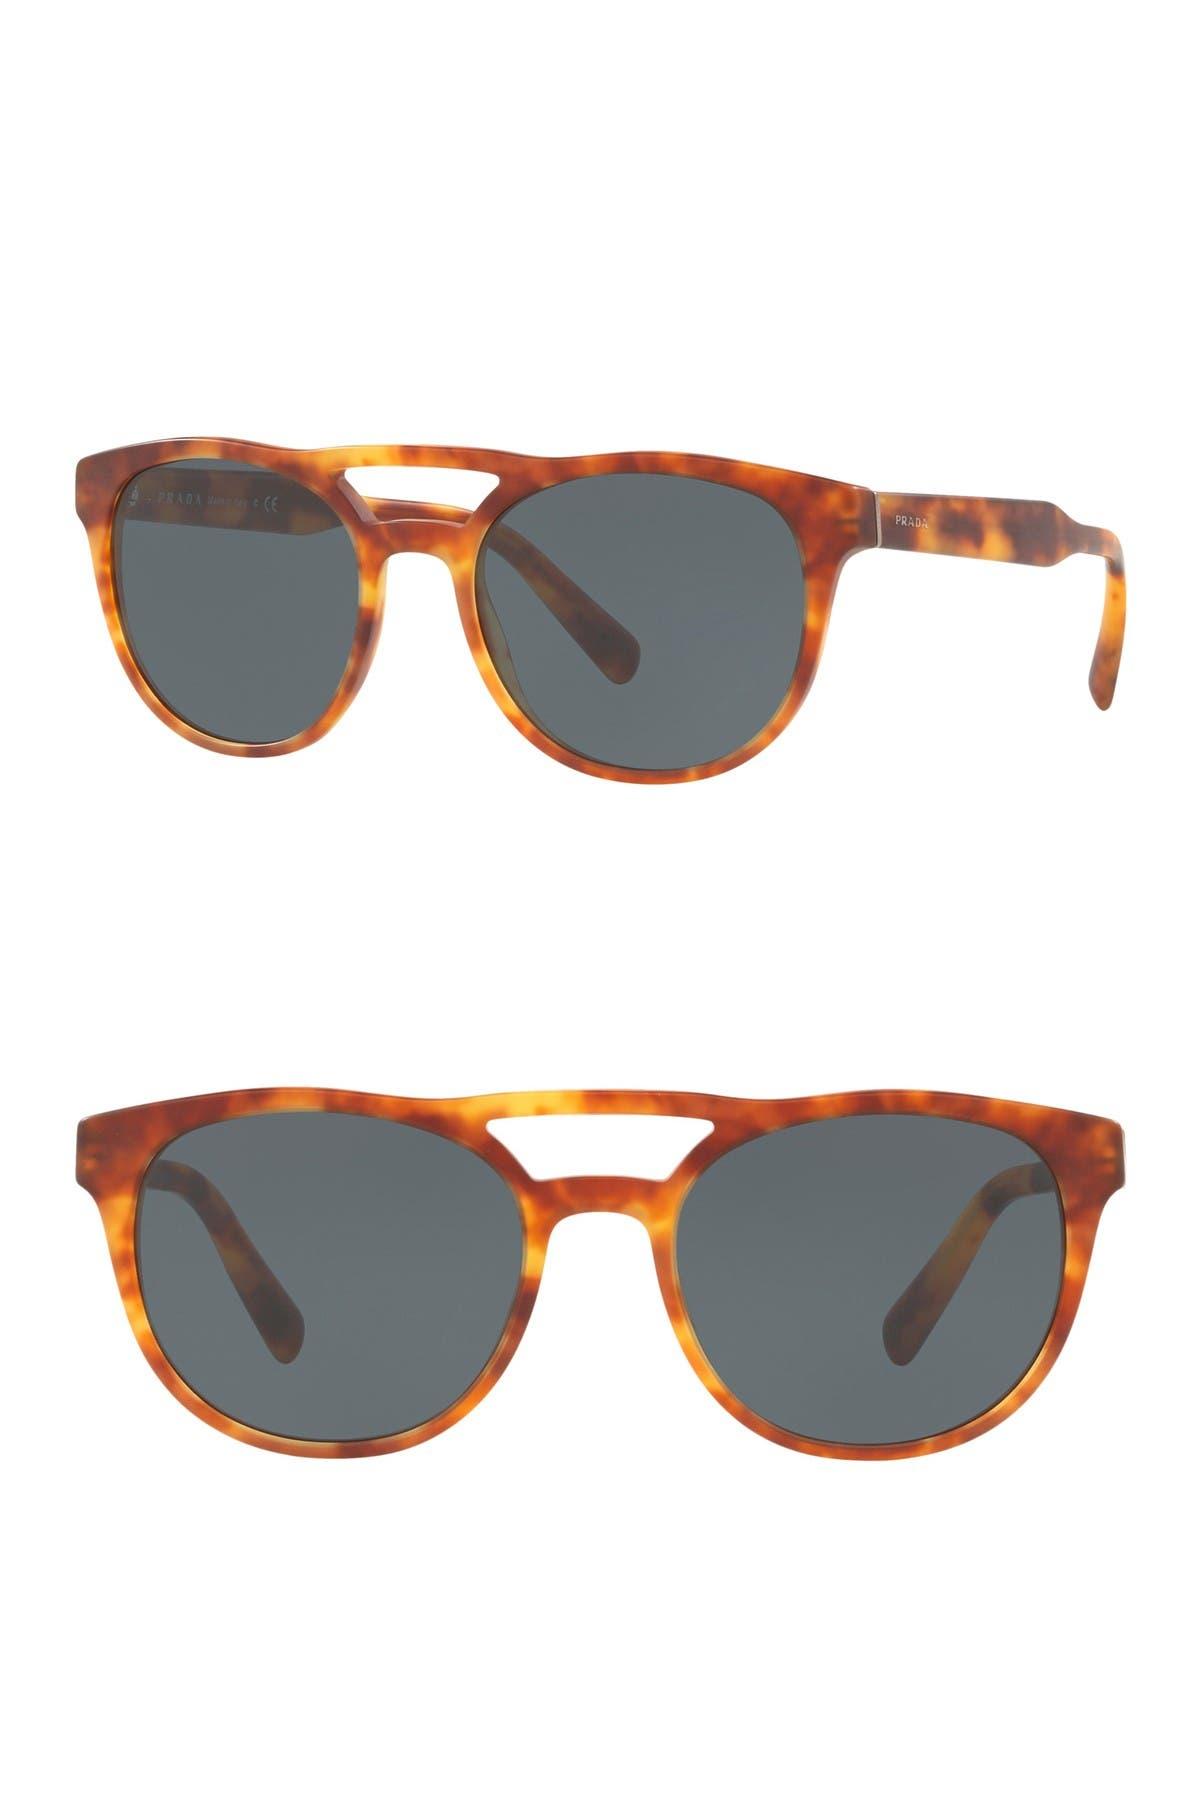 Image of Prada 54mm Square Sunglasses